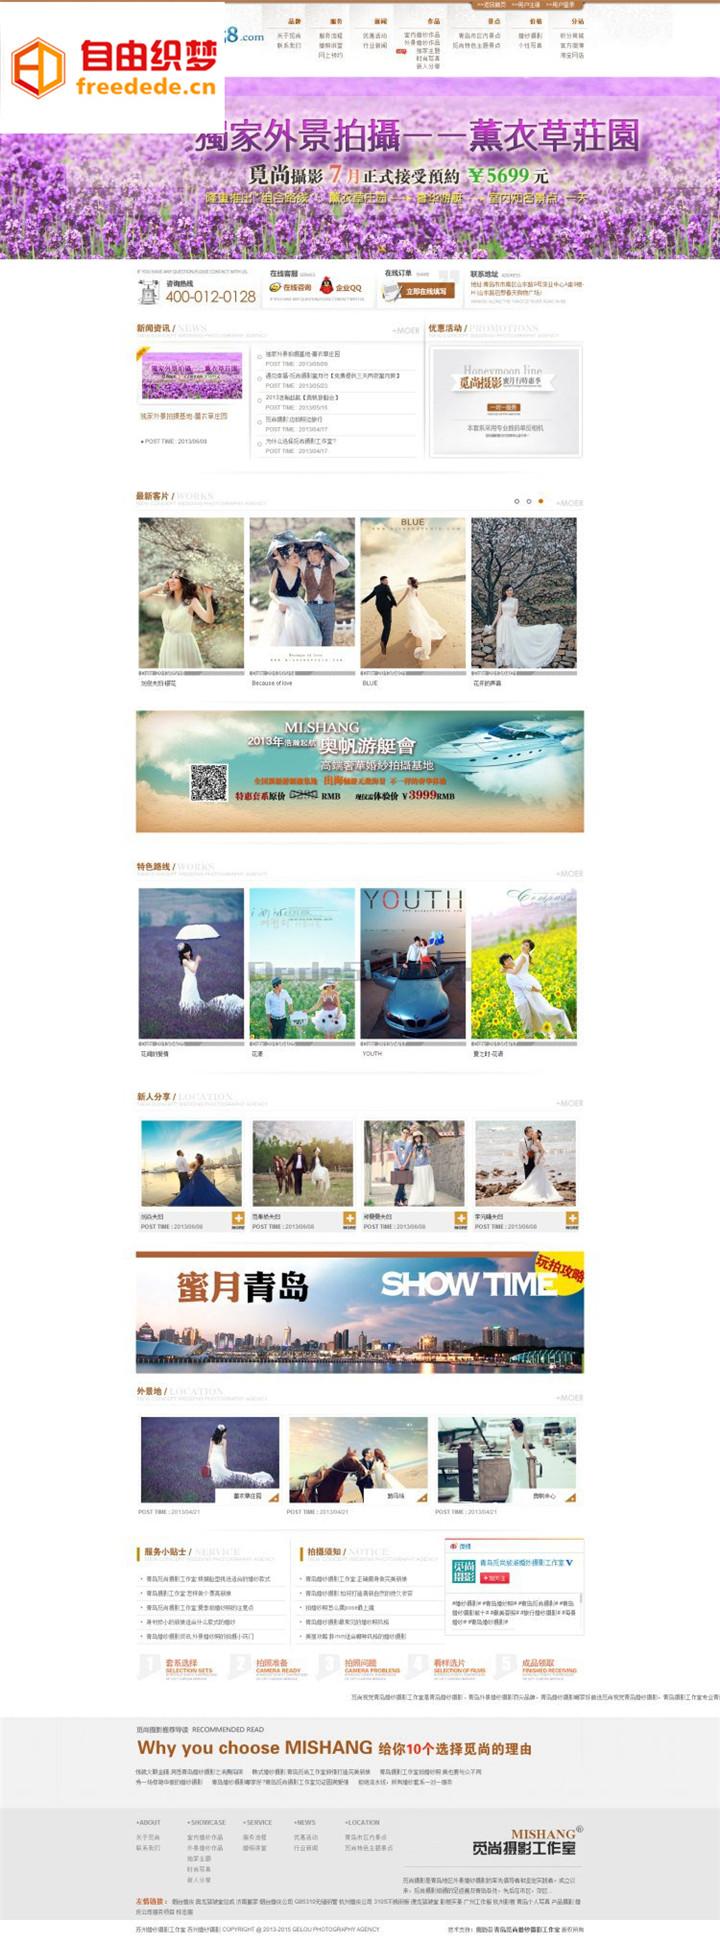 爱上源码网文章婚纱摄影工作室影楼类企业网站织梦模板营销型整站源码下载的内容插图